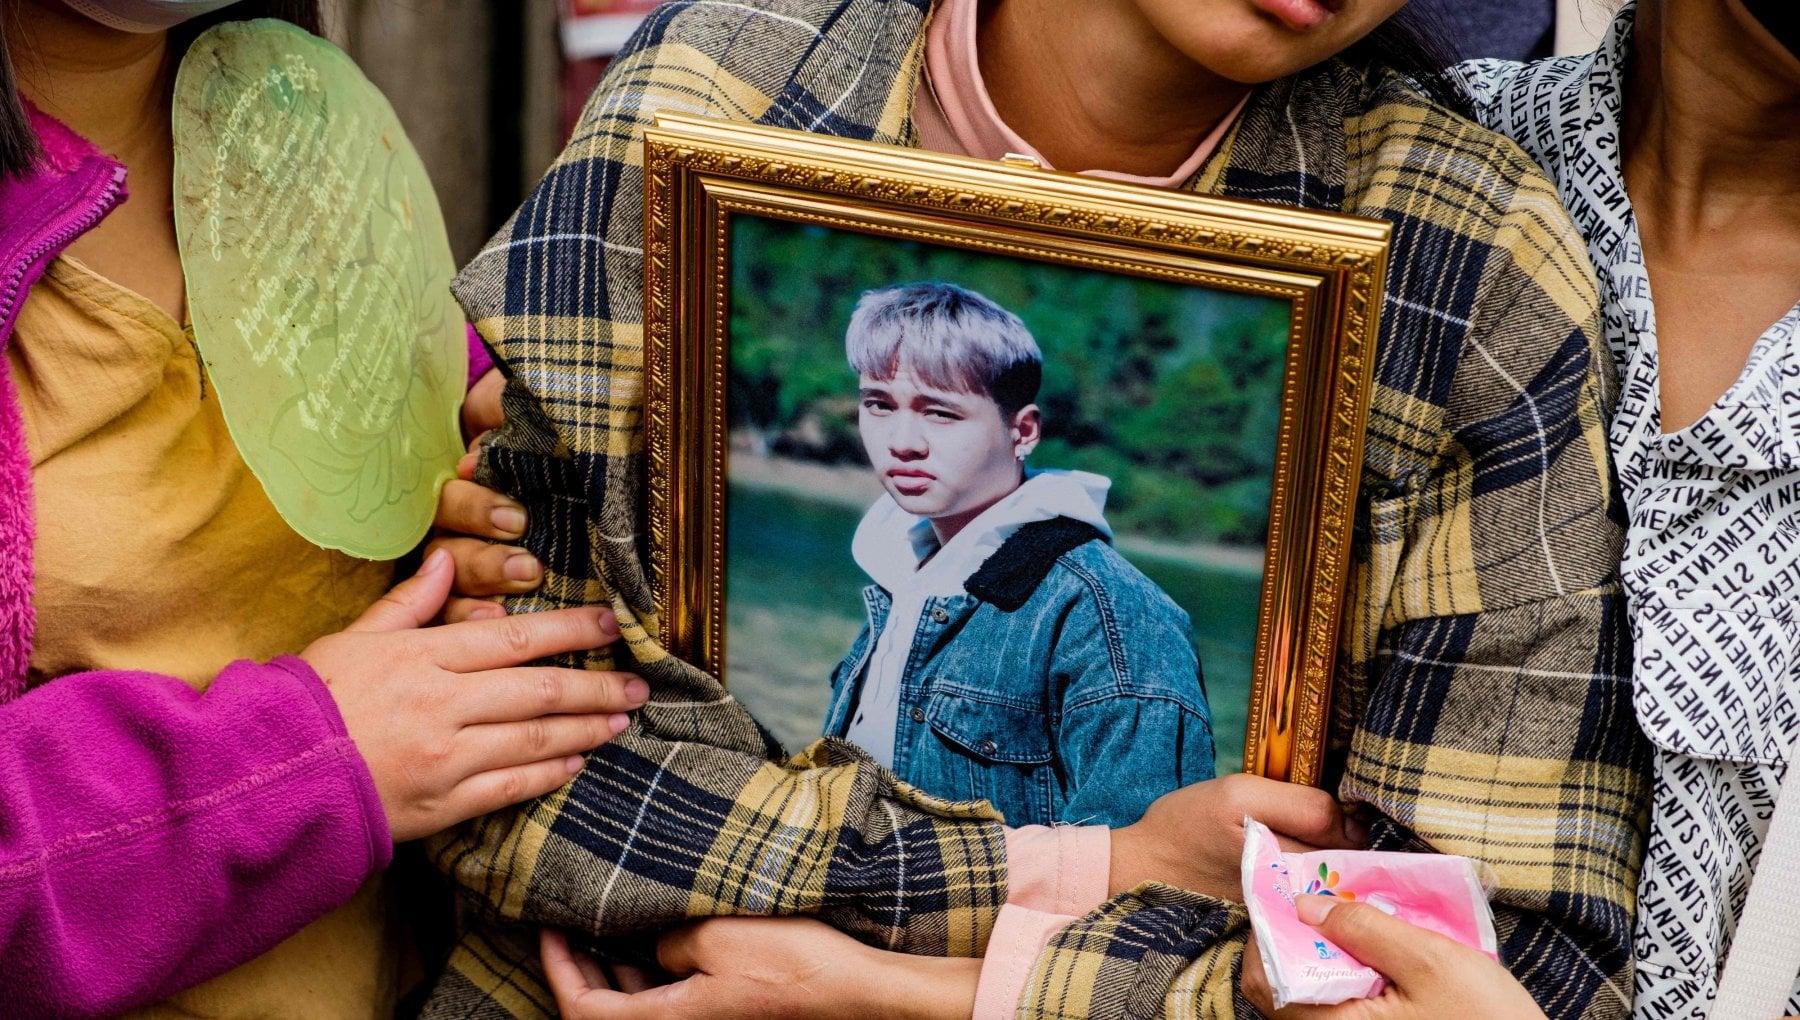 034636439 6a20d635 ef23 4d69 9e2d 3695f6790347 - Myanmar: oltre 500 morti nella repressione seguita al colpo di stato del 1 febbraio